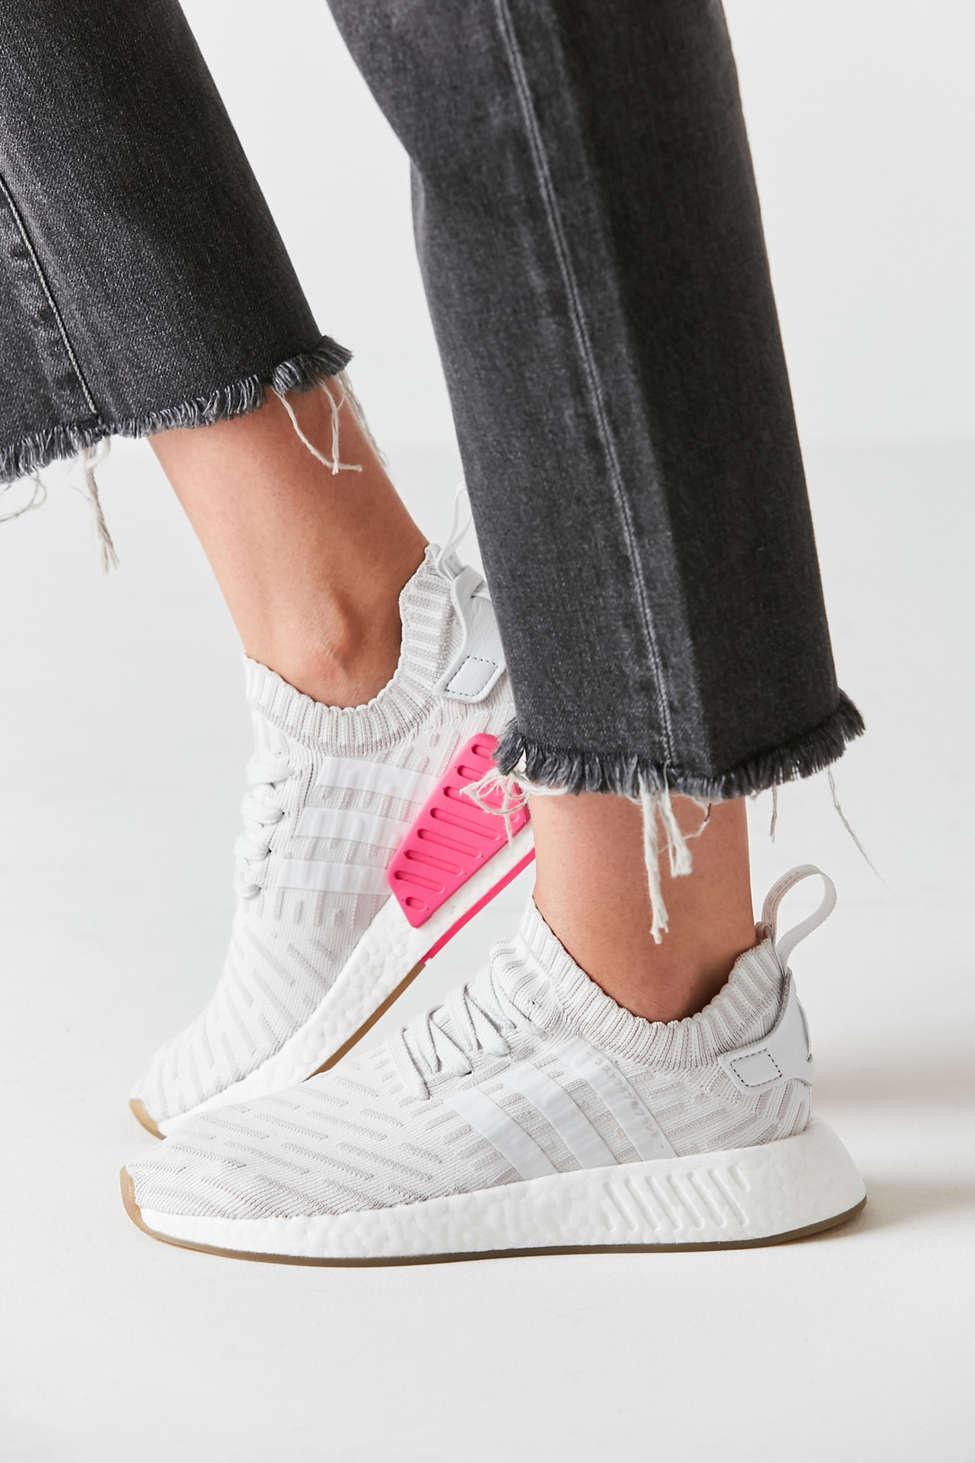 adidas iniki in scarpe da ginnastica urban outfitters 2019 tendenze xoosha